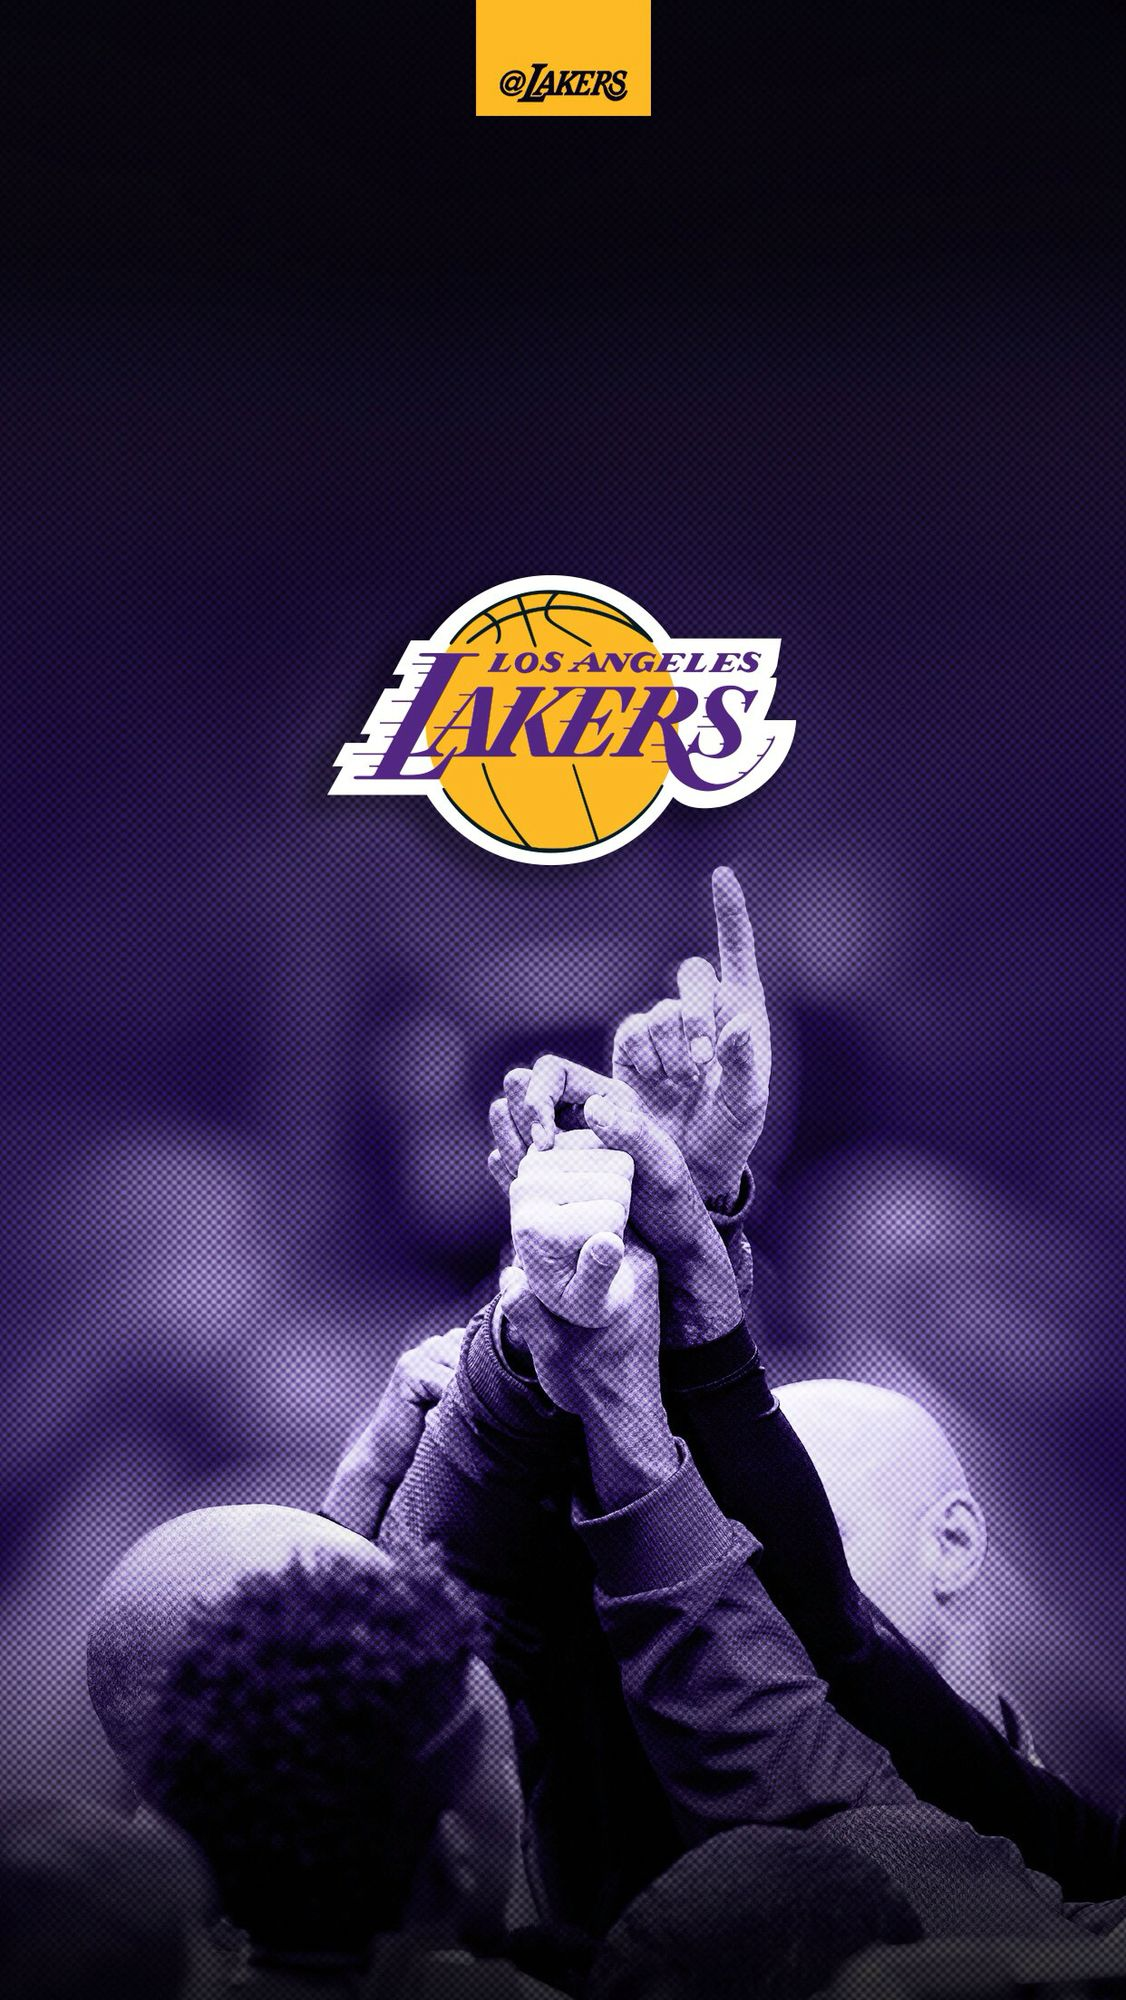 Together Lakers Wallpaper Kobe Bryant Wallpaper Nba Wallpapers